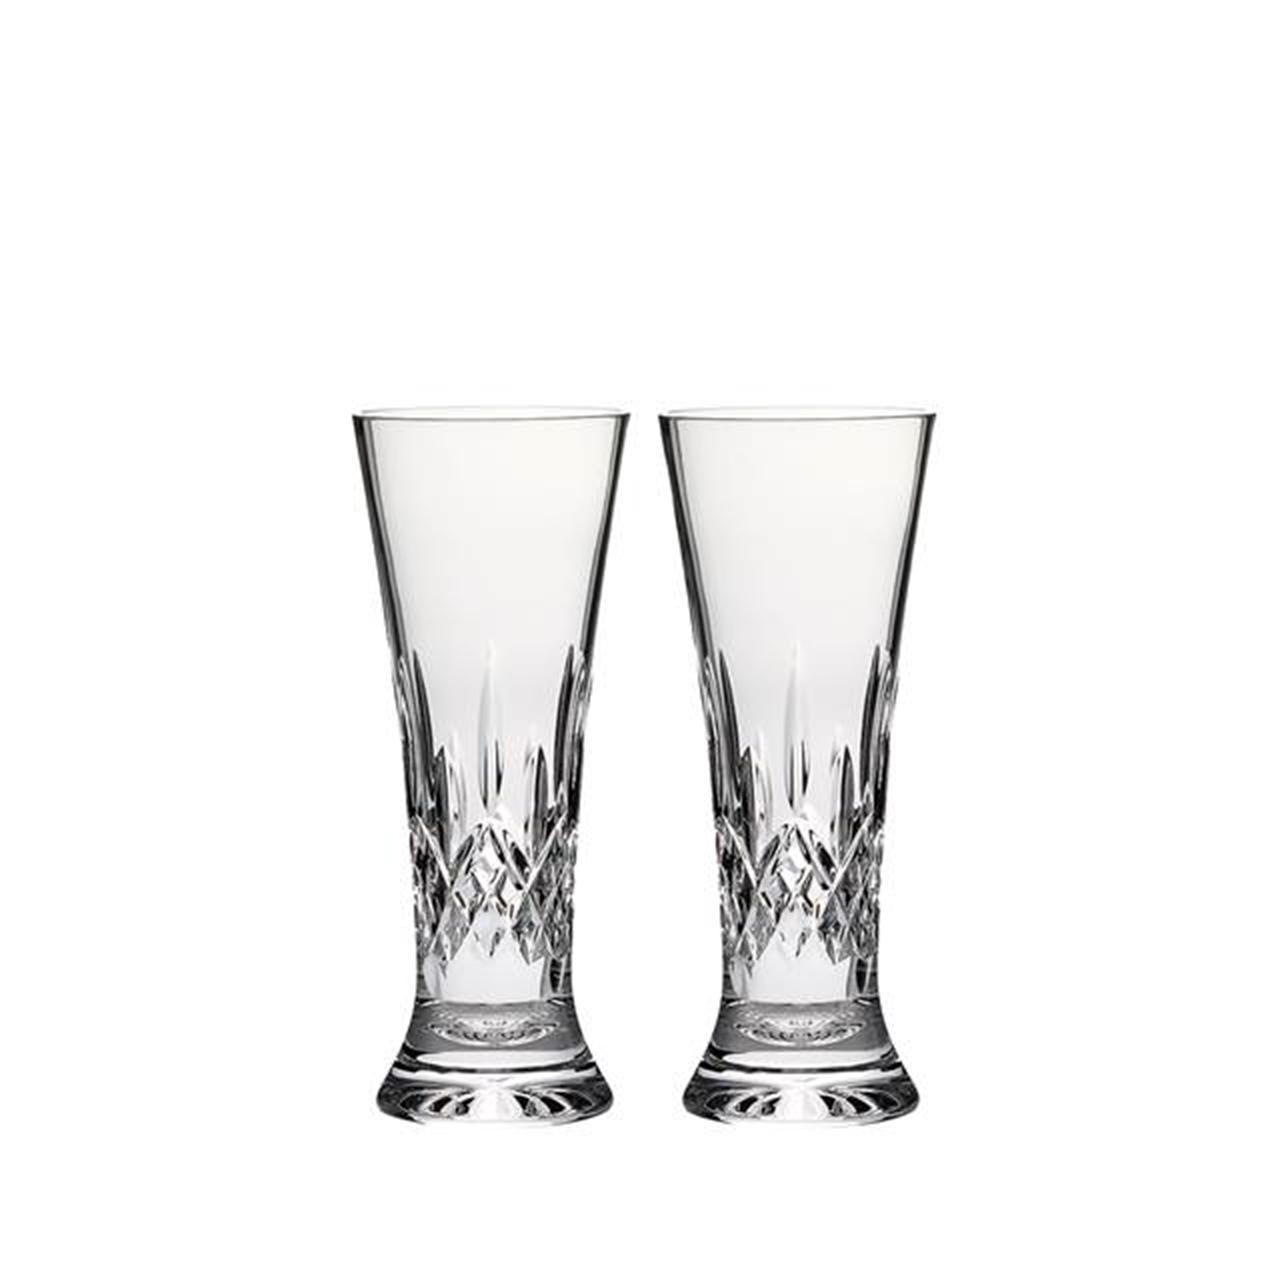 Lismore Pilsner/Tall Beverage Glass, Set of 2